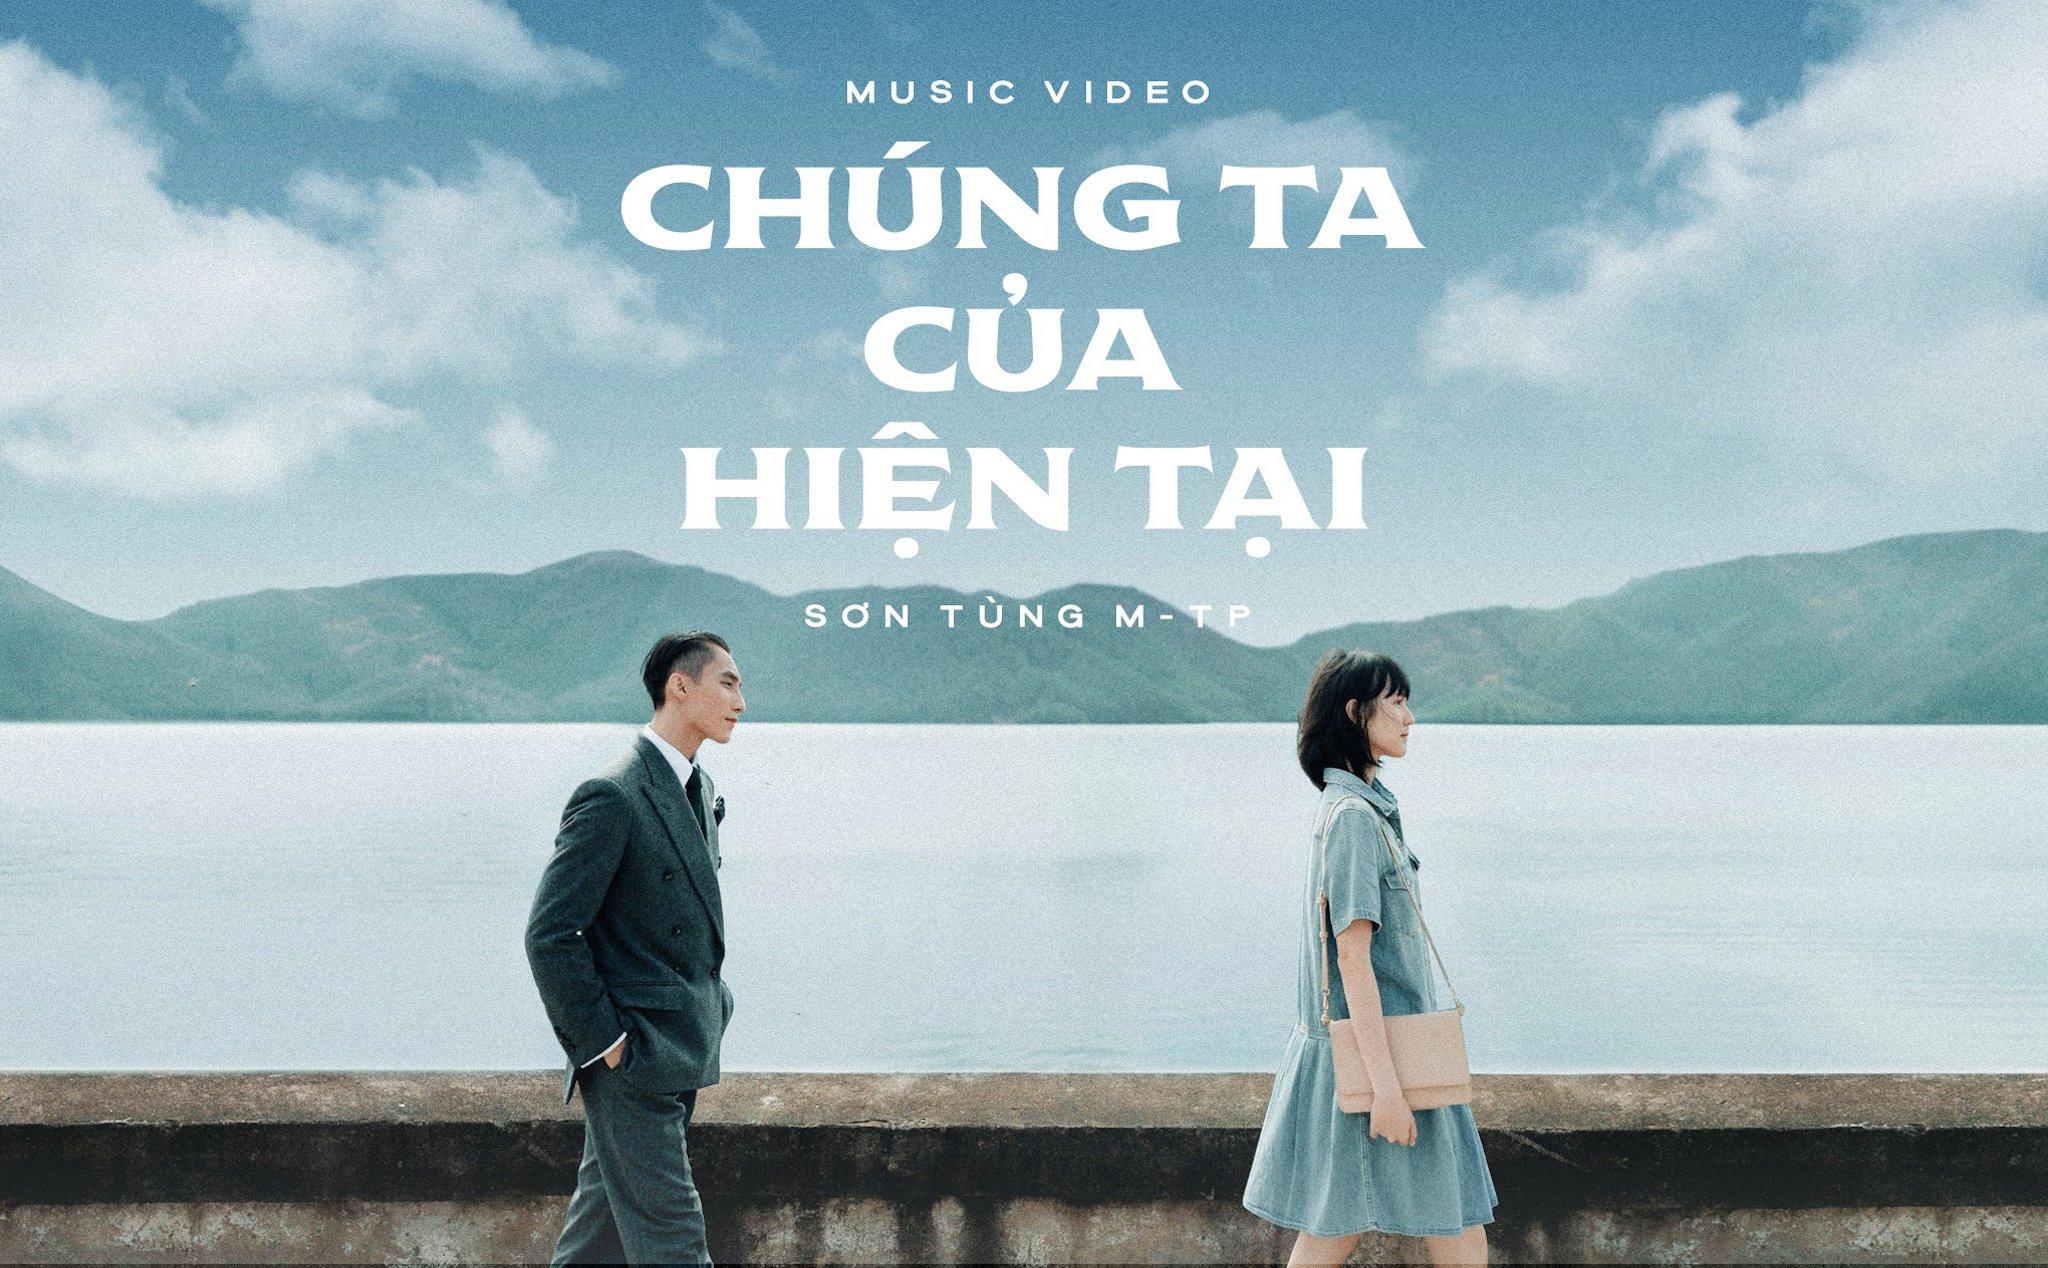 Hồ Khe Ngang từng xuất hiện trong MV Chúng ta của hiện tại